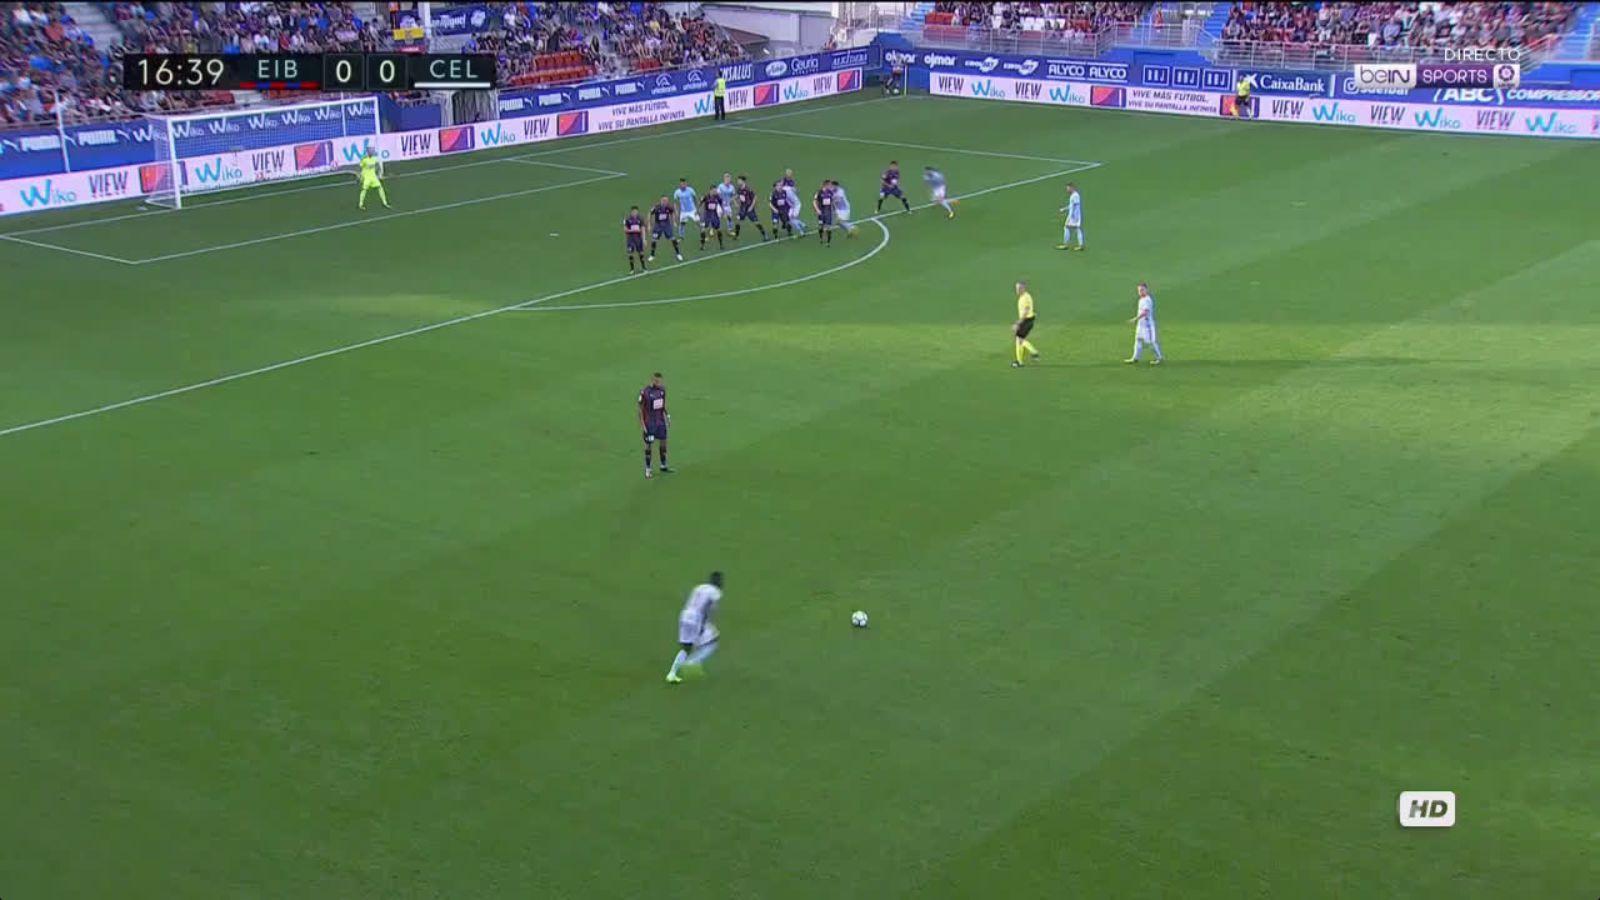 24-09-2017 - Eibar 0-4 Celta Vigo